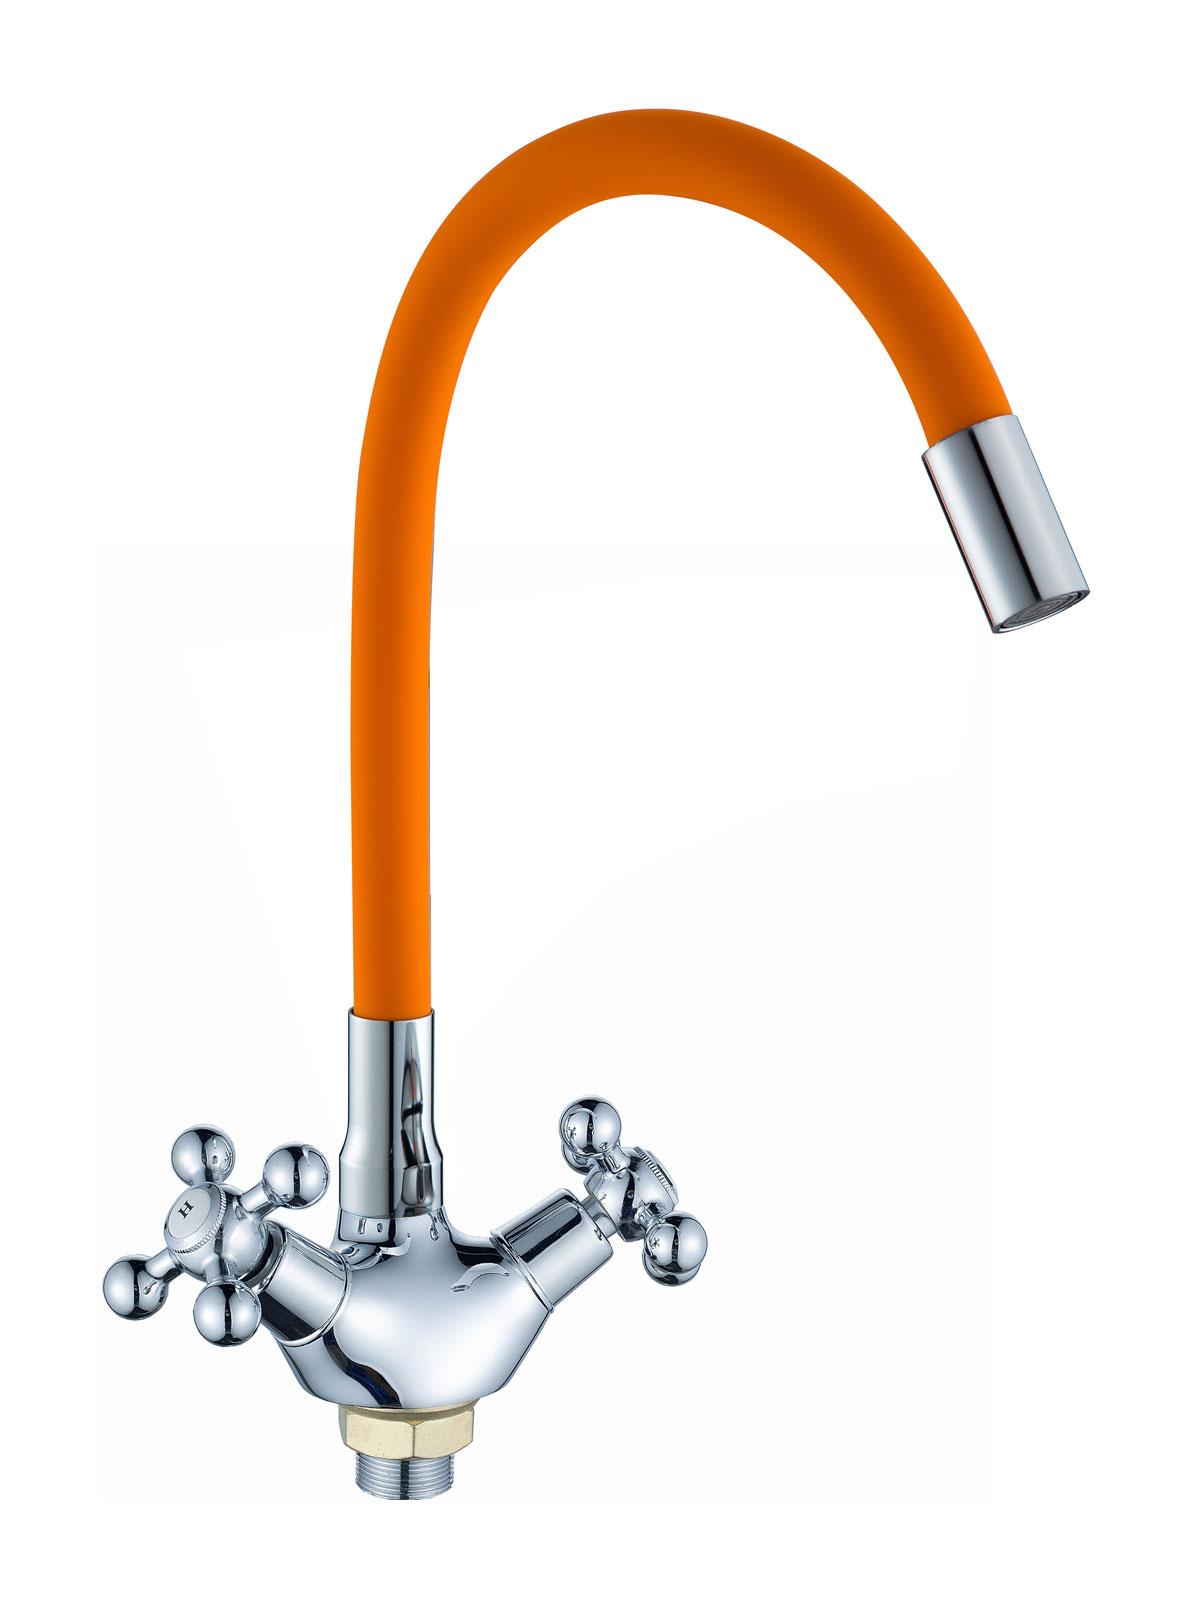 Двухручковый смеситель для кухни 57E51 оранжевый